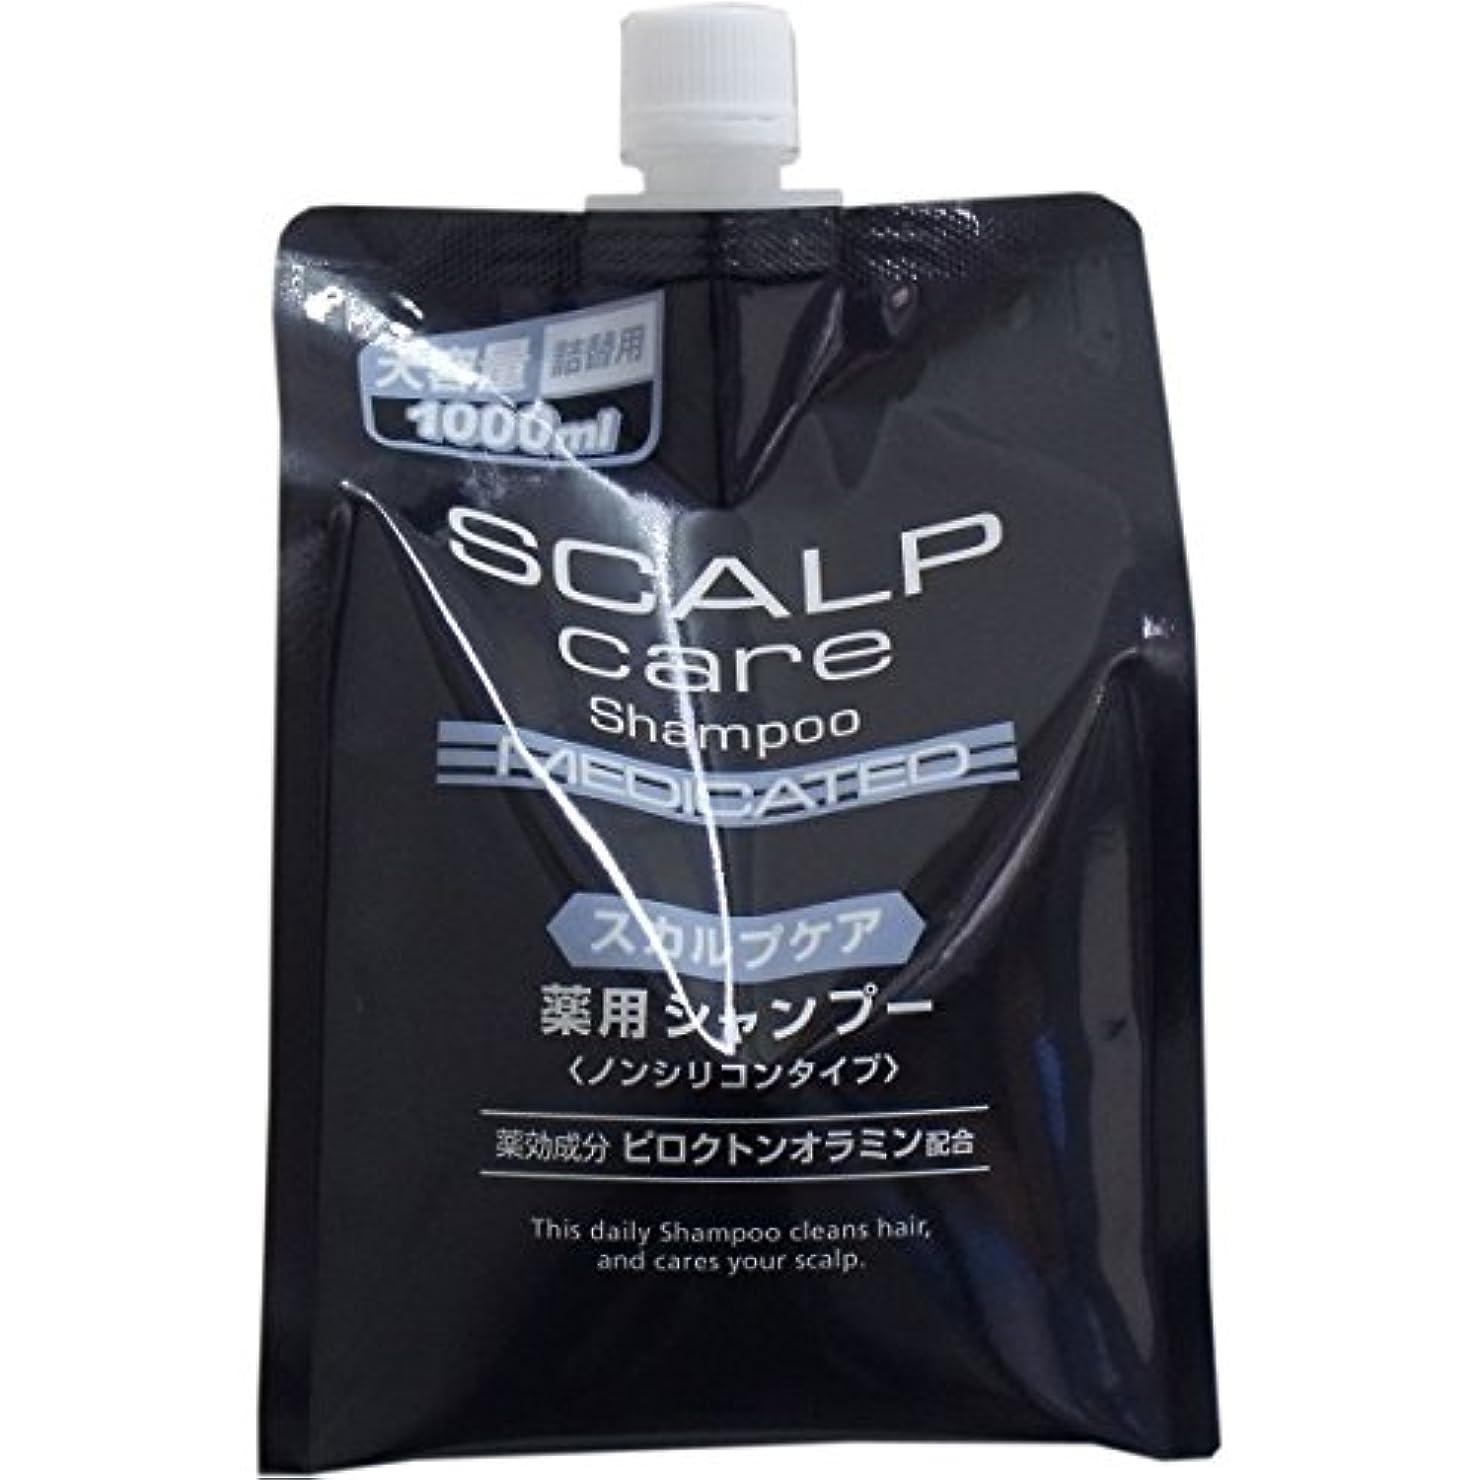 レプリカ換気しなやかピース薬品 スカルプシャンプー 大容量詰替用 1000ml